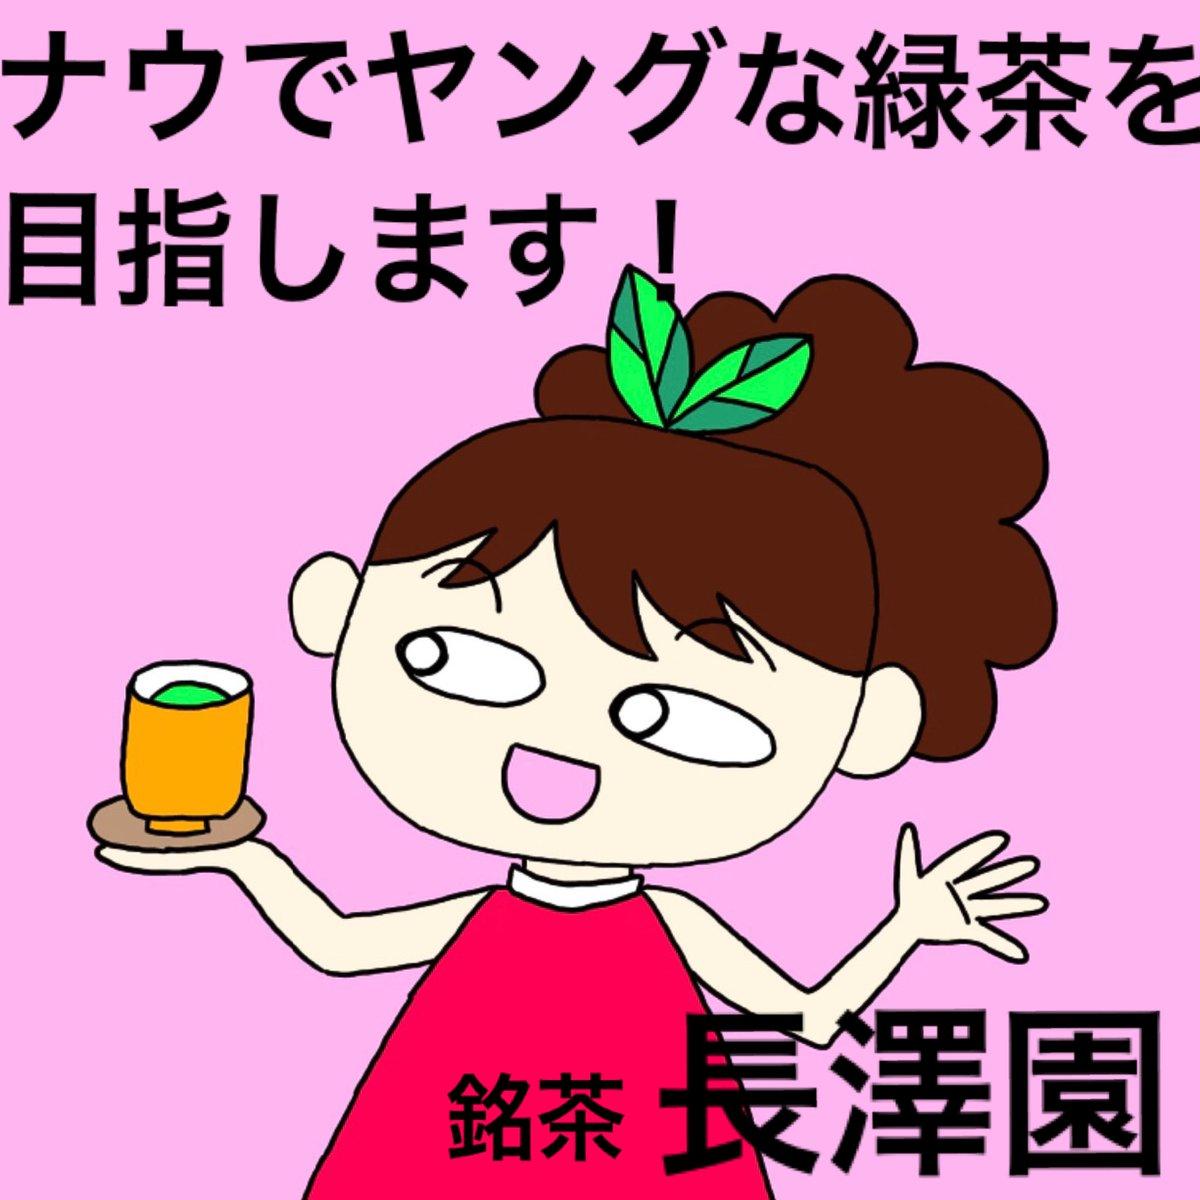 #あなたの来年を表す漢字三文字  「茶」と「茶」と「茶」  残りわずかになった今年も 来たる新年も _人人人人人人人人人人_   >ナウでヤングを目指します<    ̄YYYYYYYYYY ̄